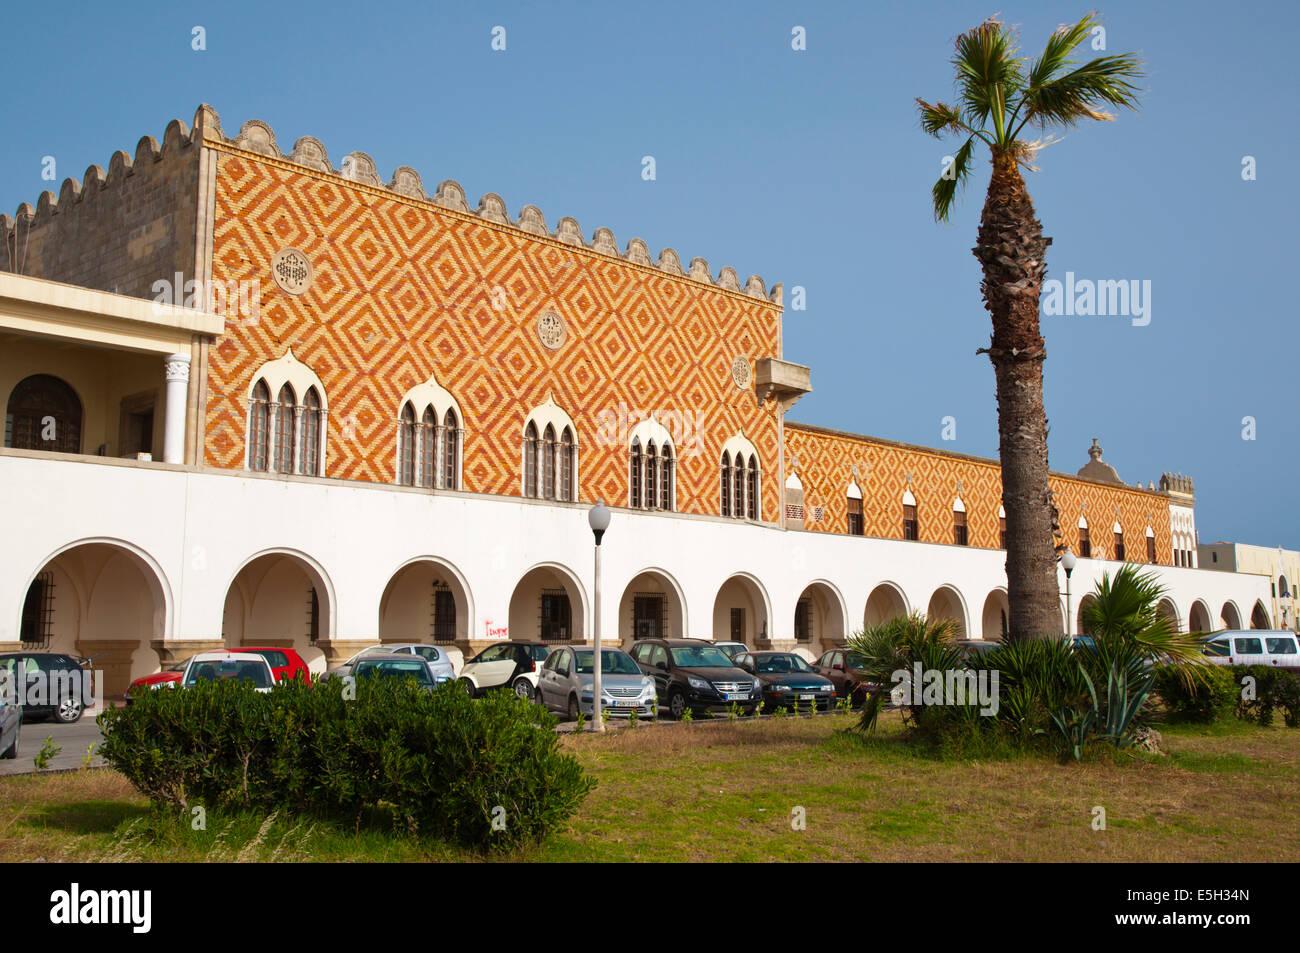 Palazzo del Goverdo Rodi, les bureaux de la préfecture, de l'architecture fasciste italien, nouvelle ville, Photo Stock